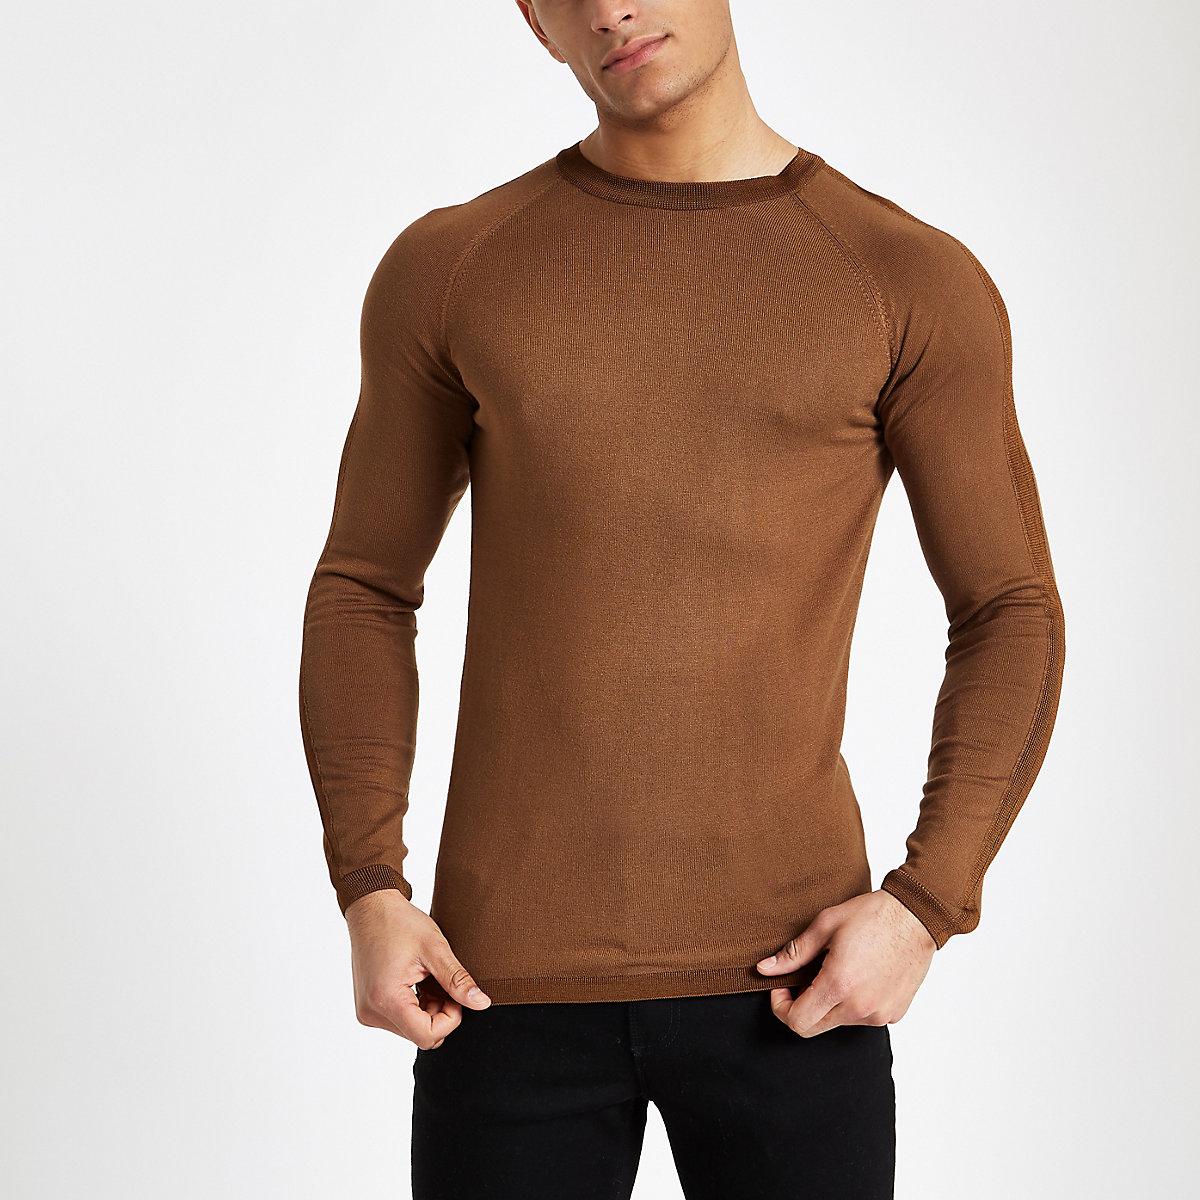 Haut ajustéà manches longues et col ras-du-cou marron